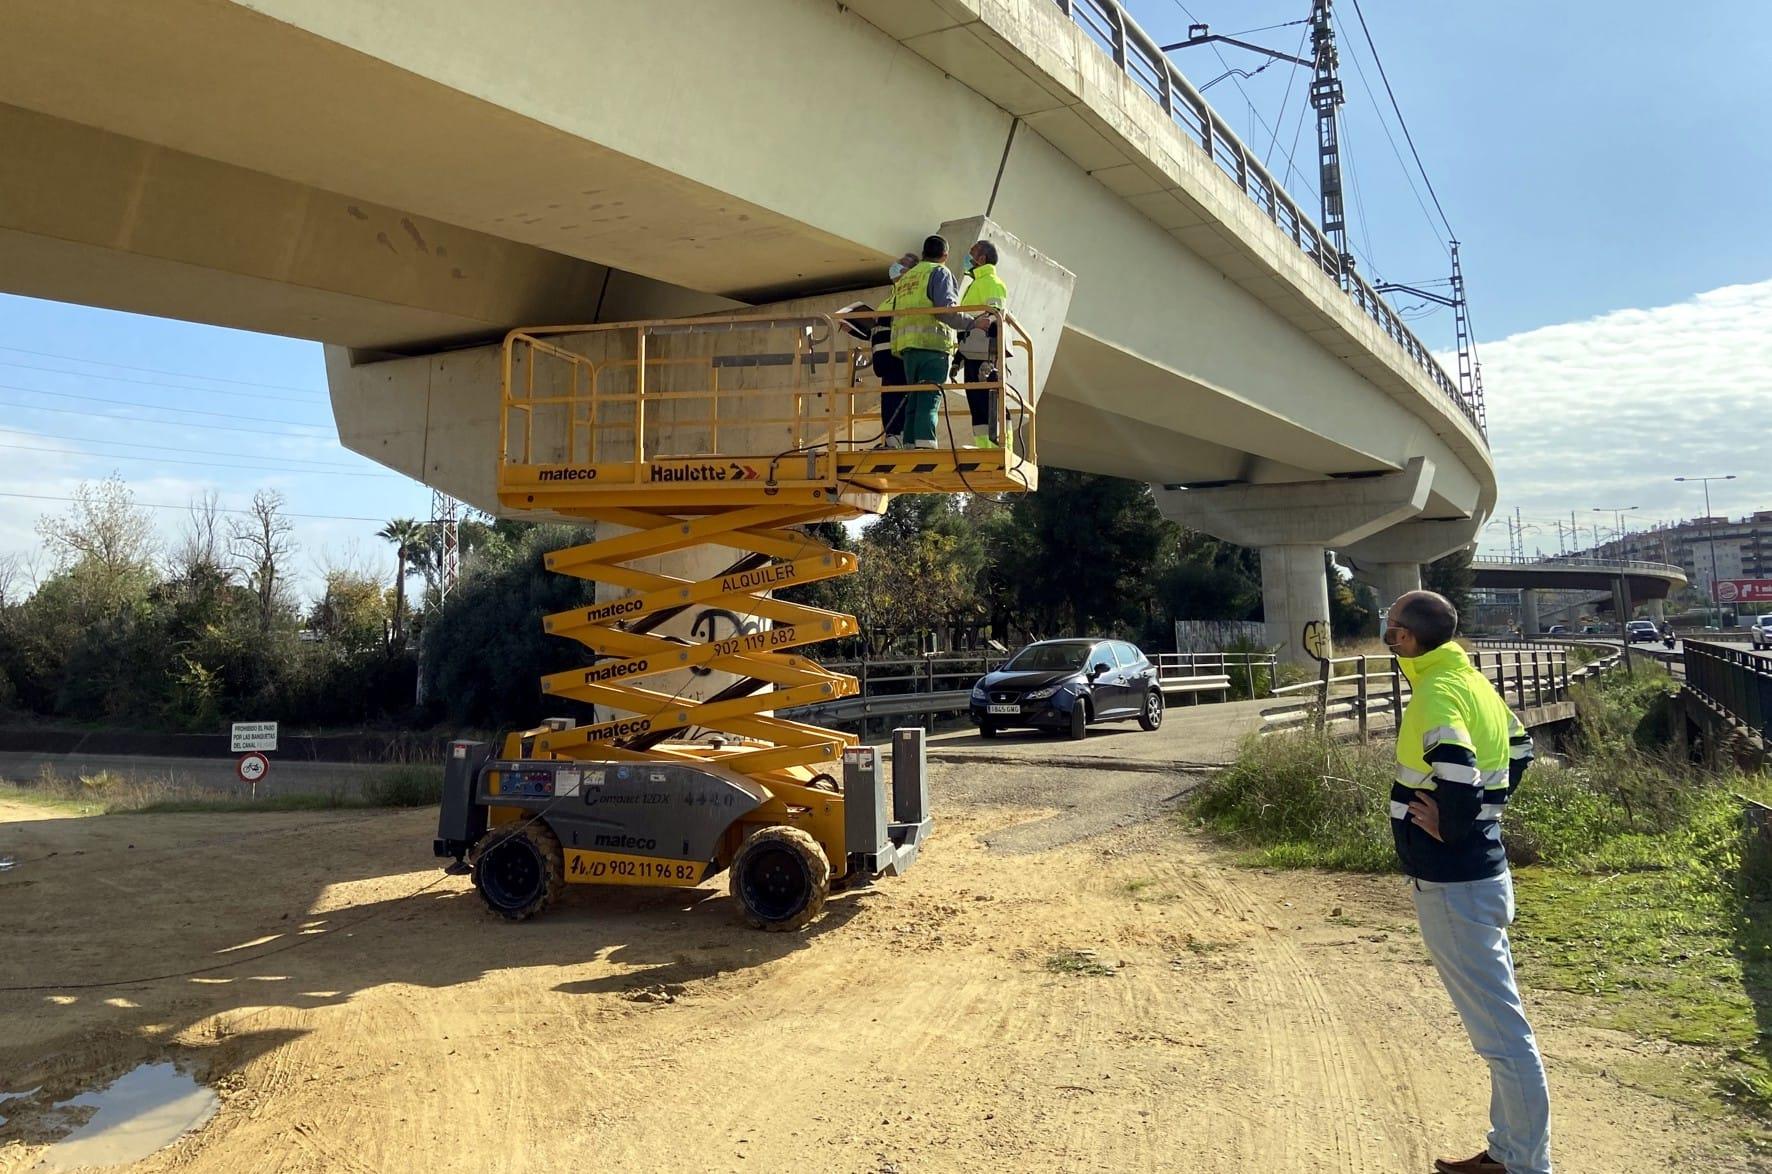 Trabajos de mantenimiento en el viaducto de Montequinto del metro de Sevilla.